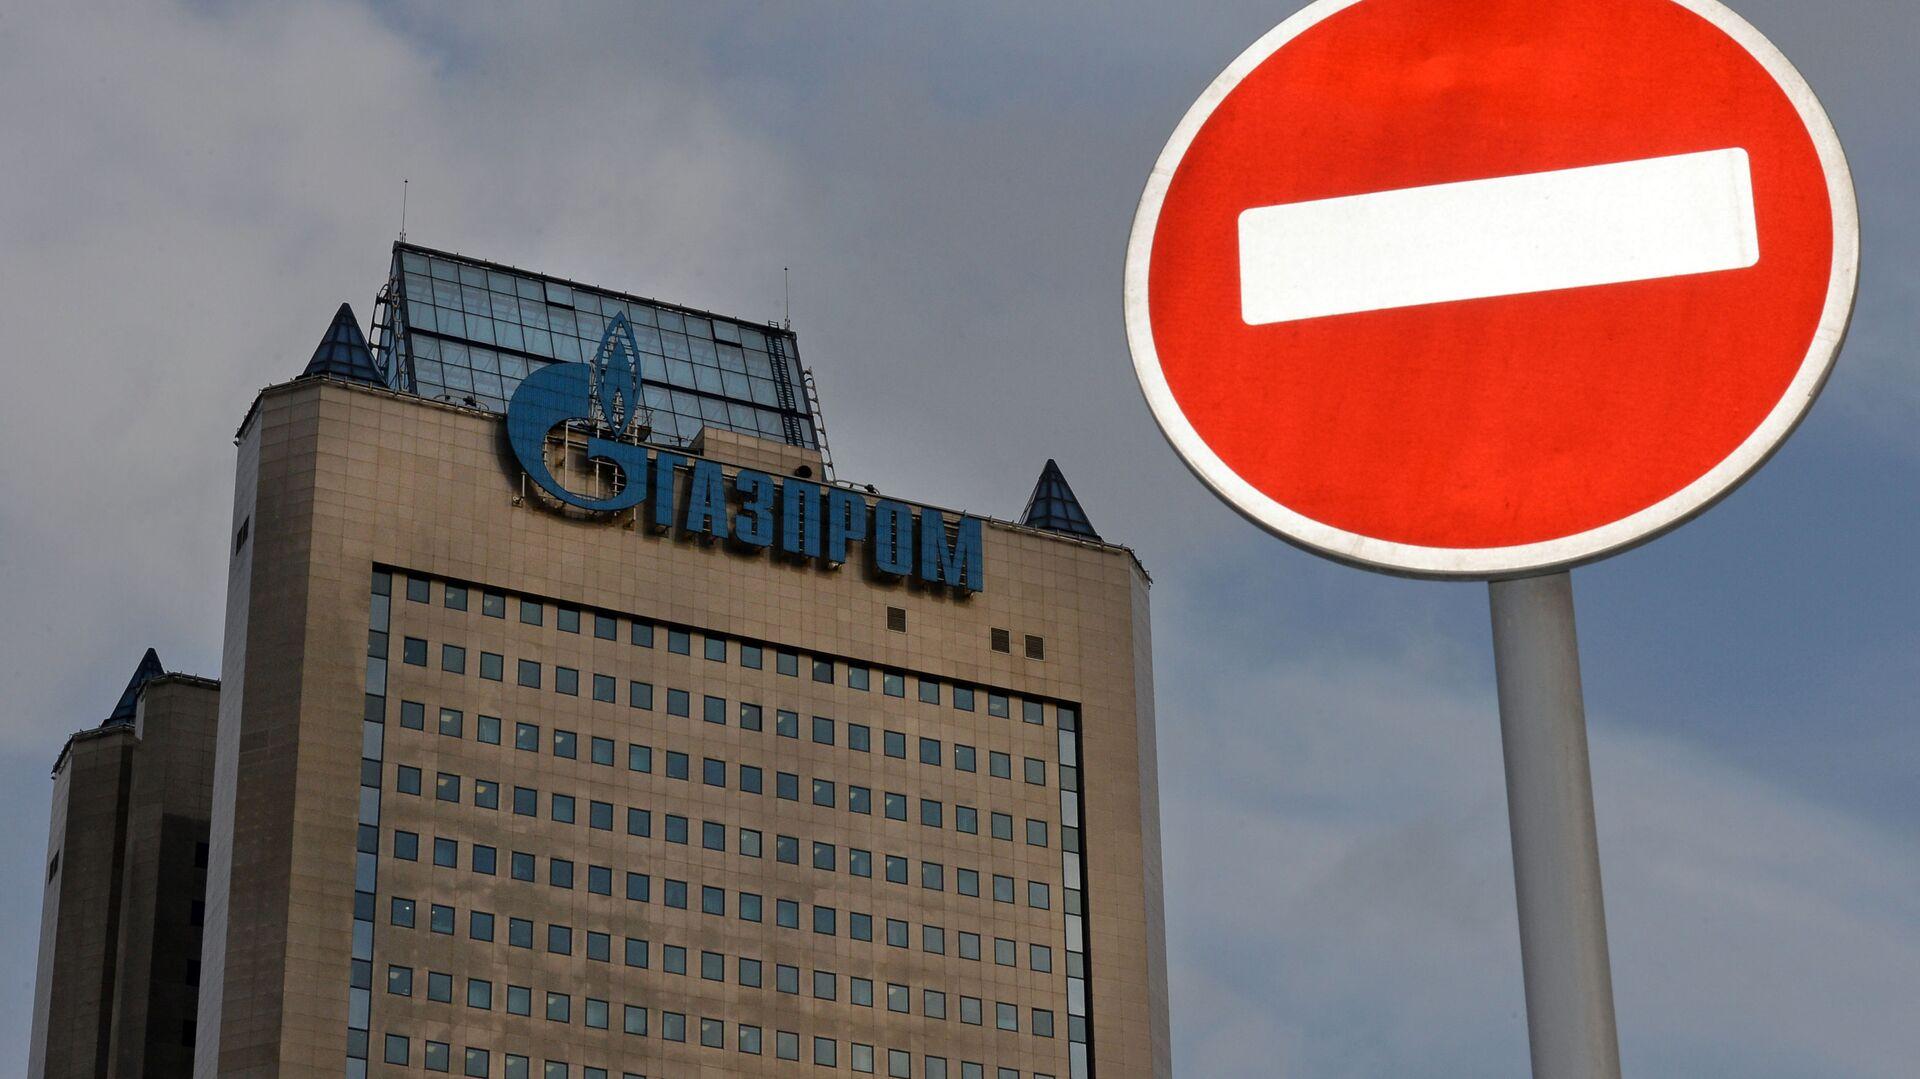 Znak drogowy na tle budynku firmy Gazprom - Sputnik Polska, 1920, 09.10.2021